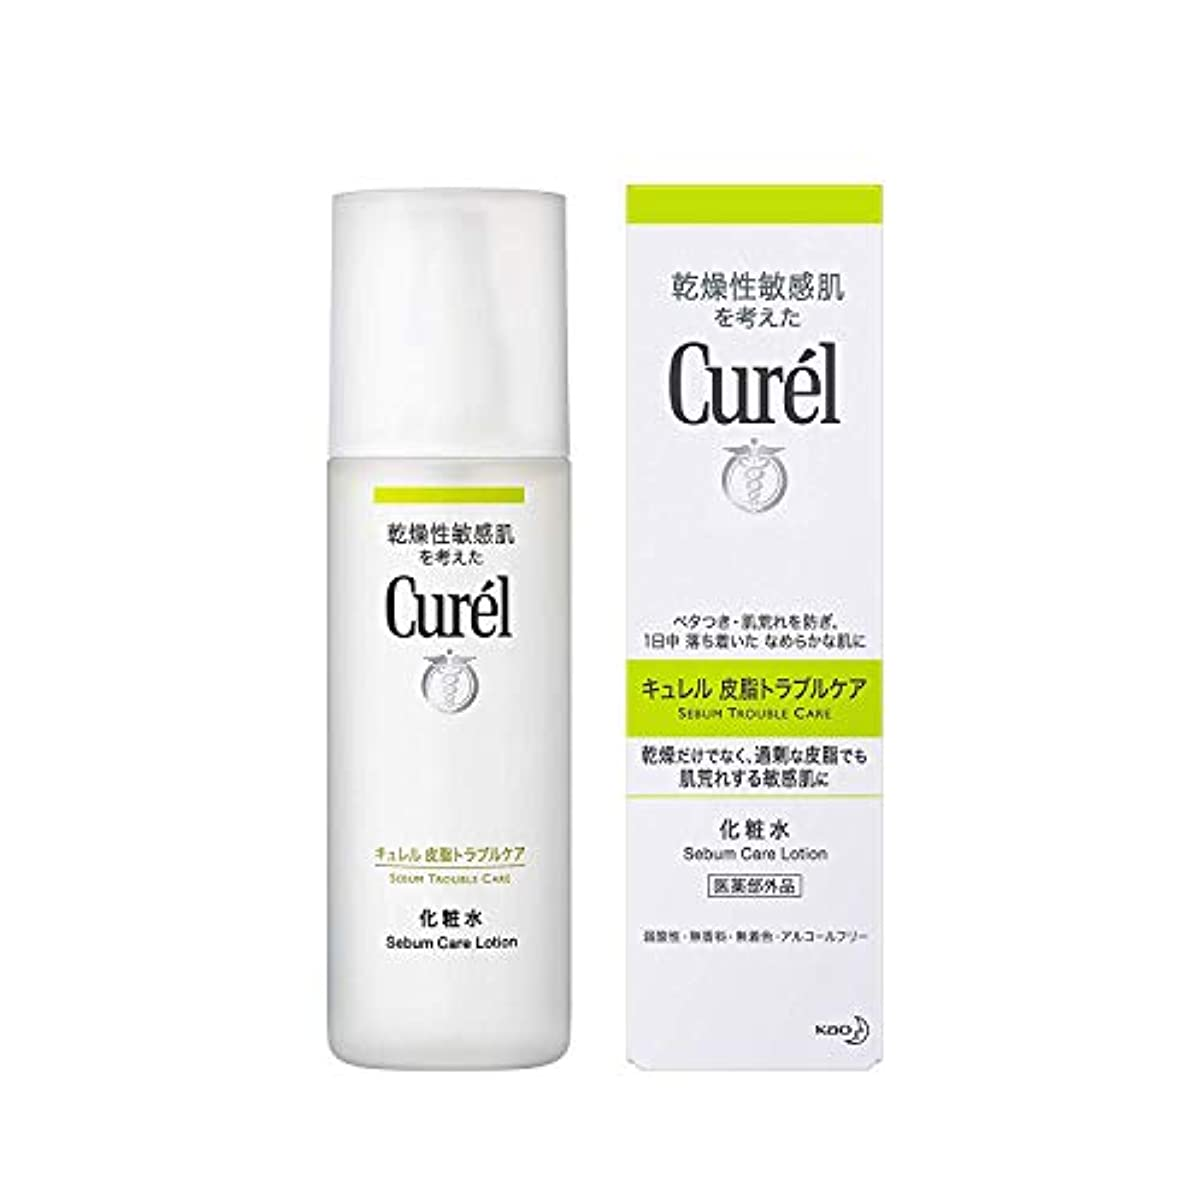 【花王】キュレル 皮脂トラブルケア化粧水(150ml) ×10個セット